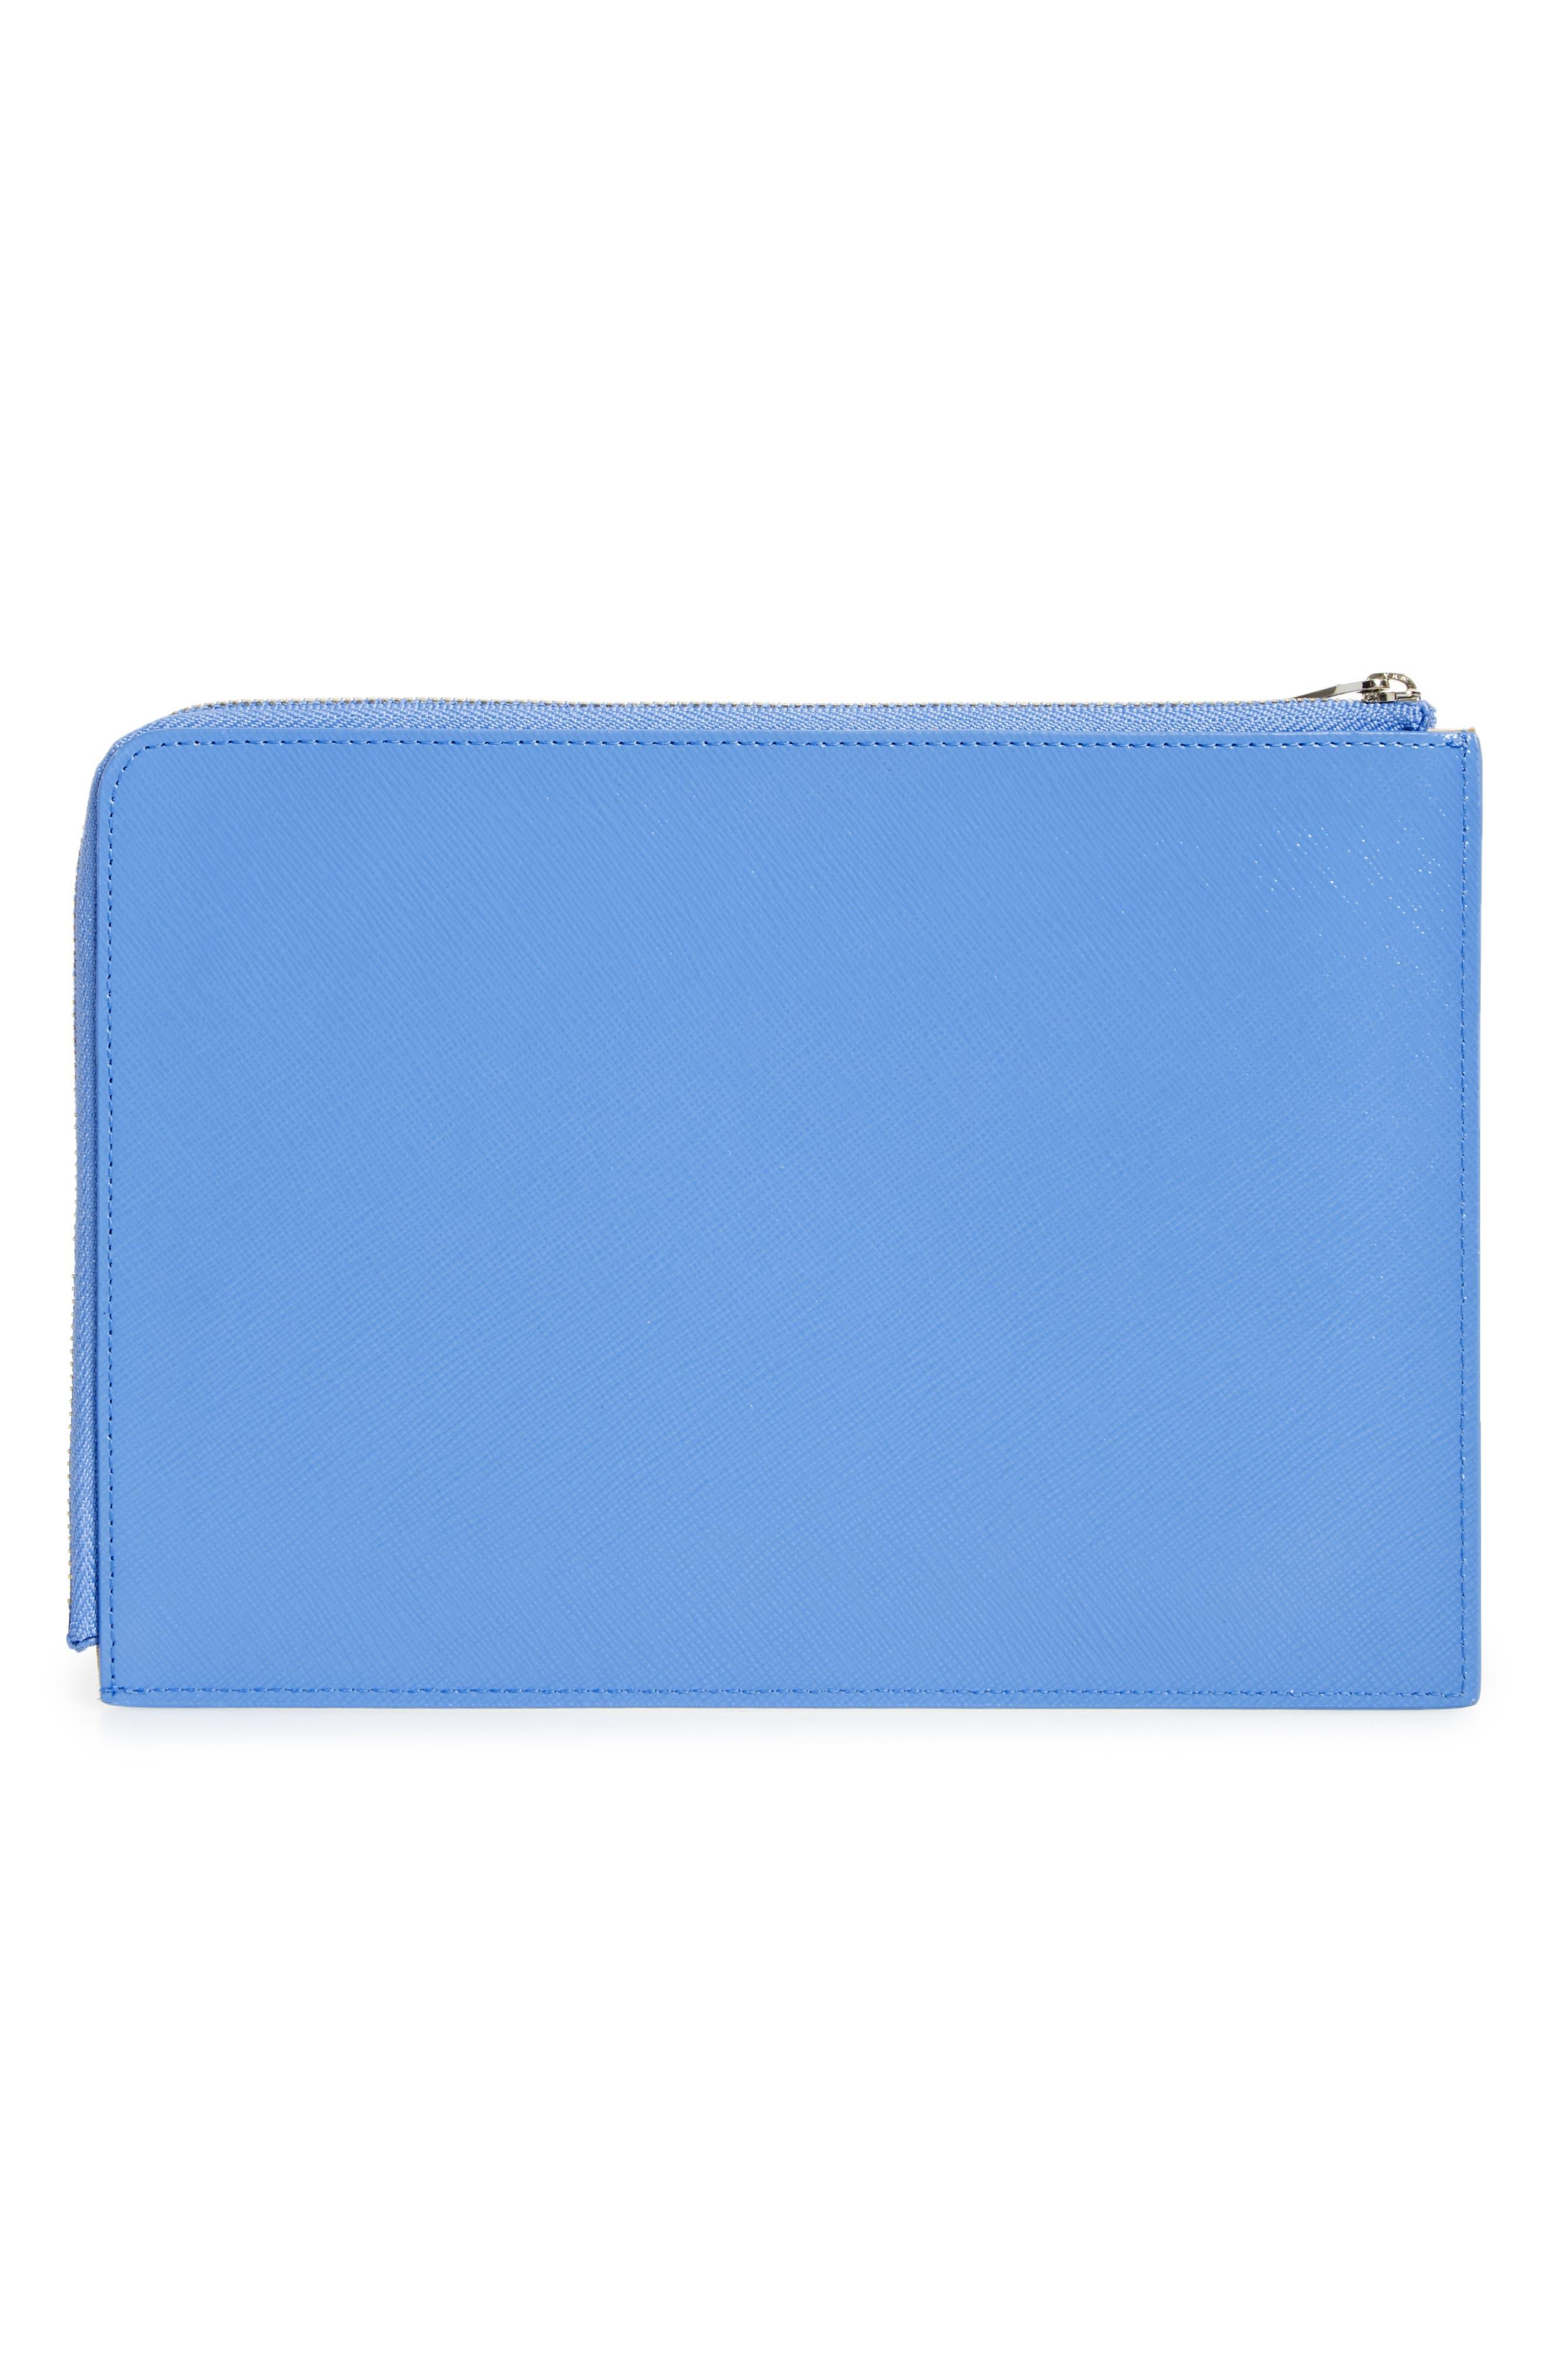 Leather Zip Pouch,                             Alternate thumbnail 2, color,                             Blue Regatta